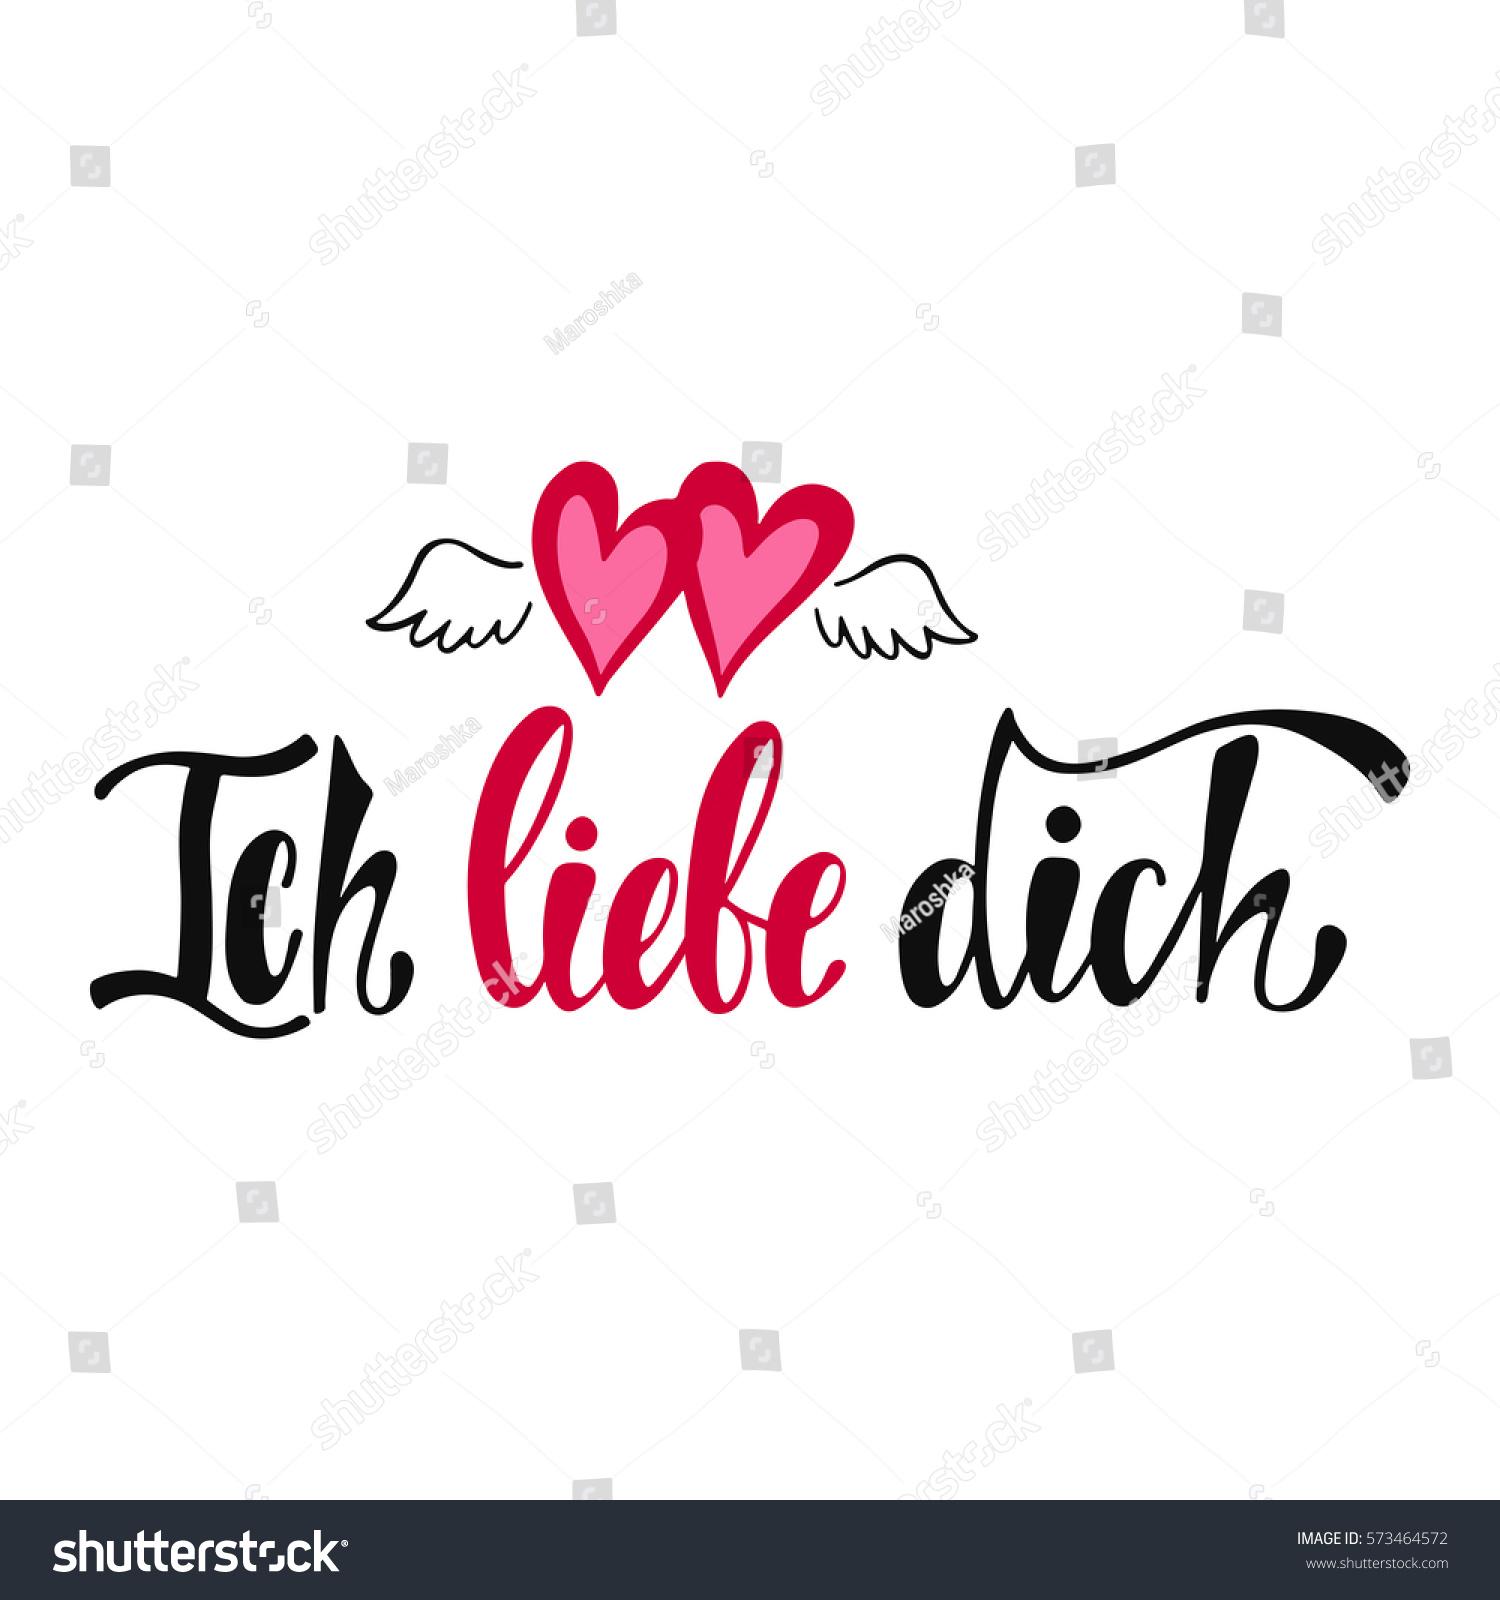 Ich Liebe Dich Declaration Love German Stock-Vektorgrafik 573464572 ...